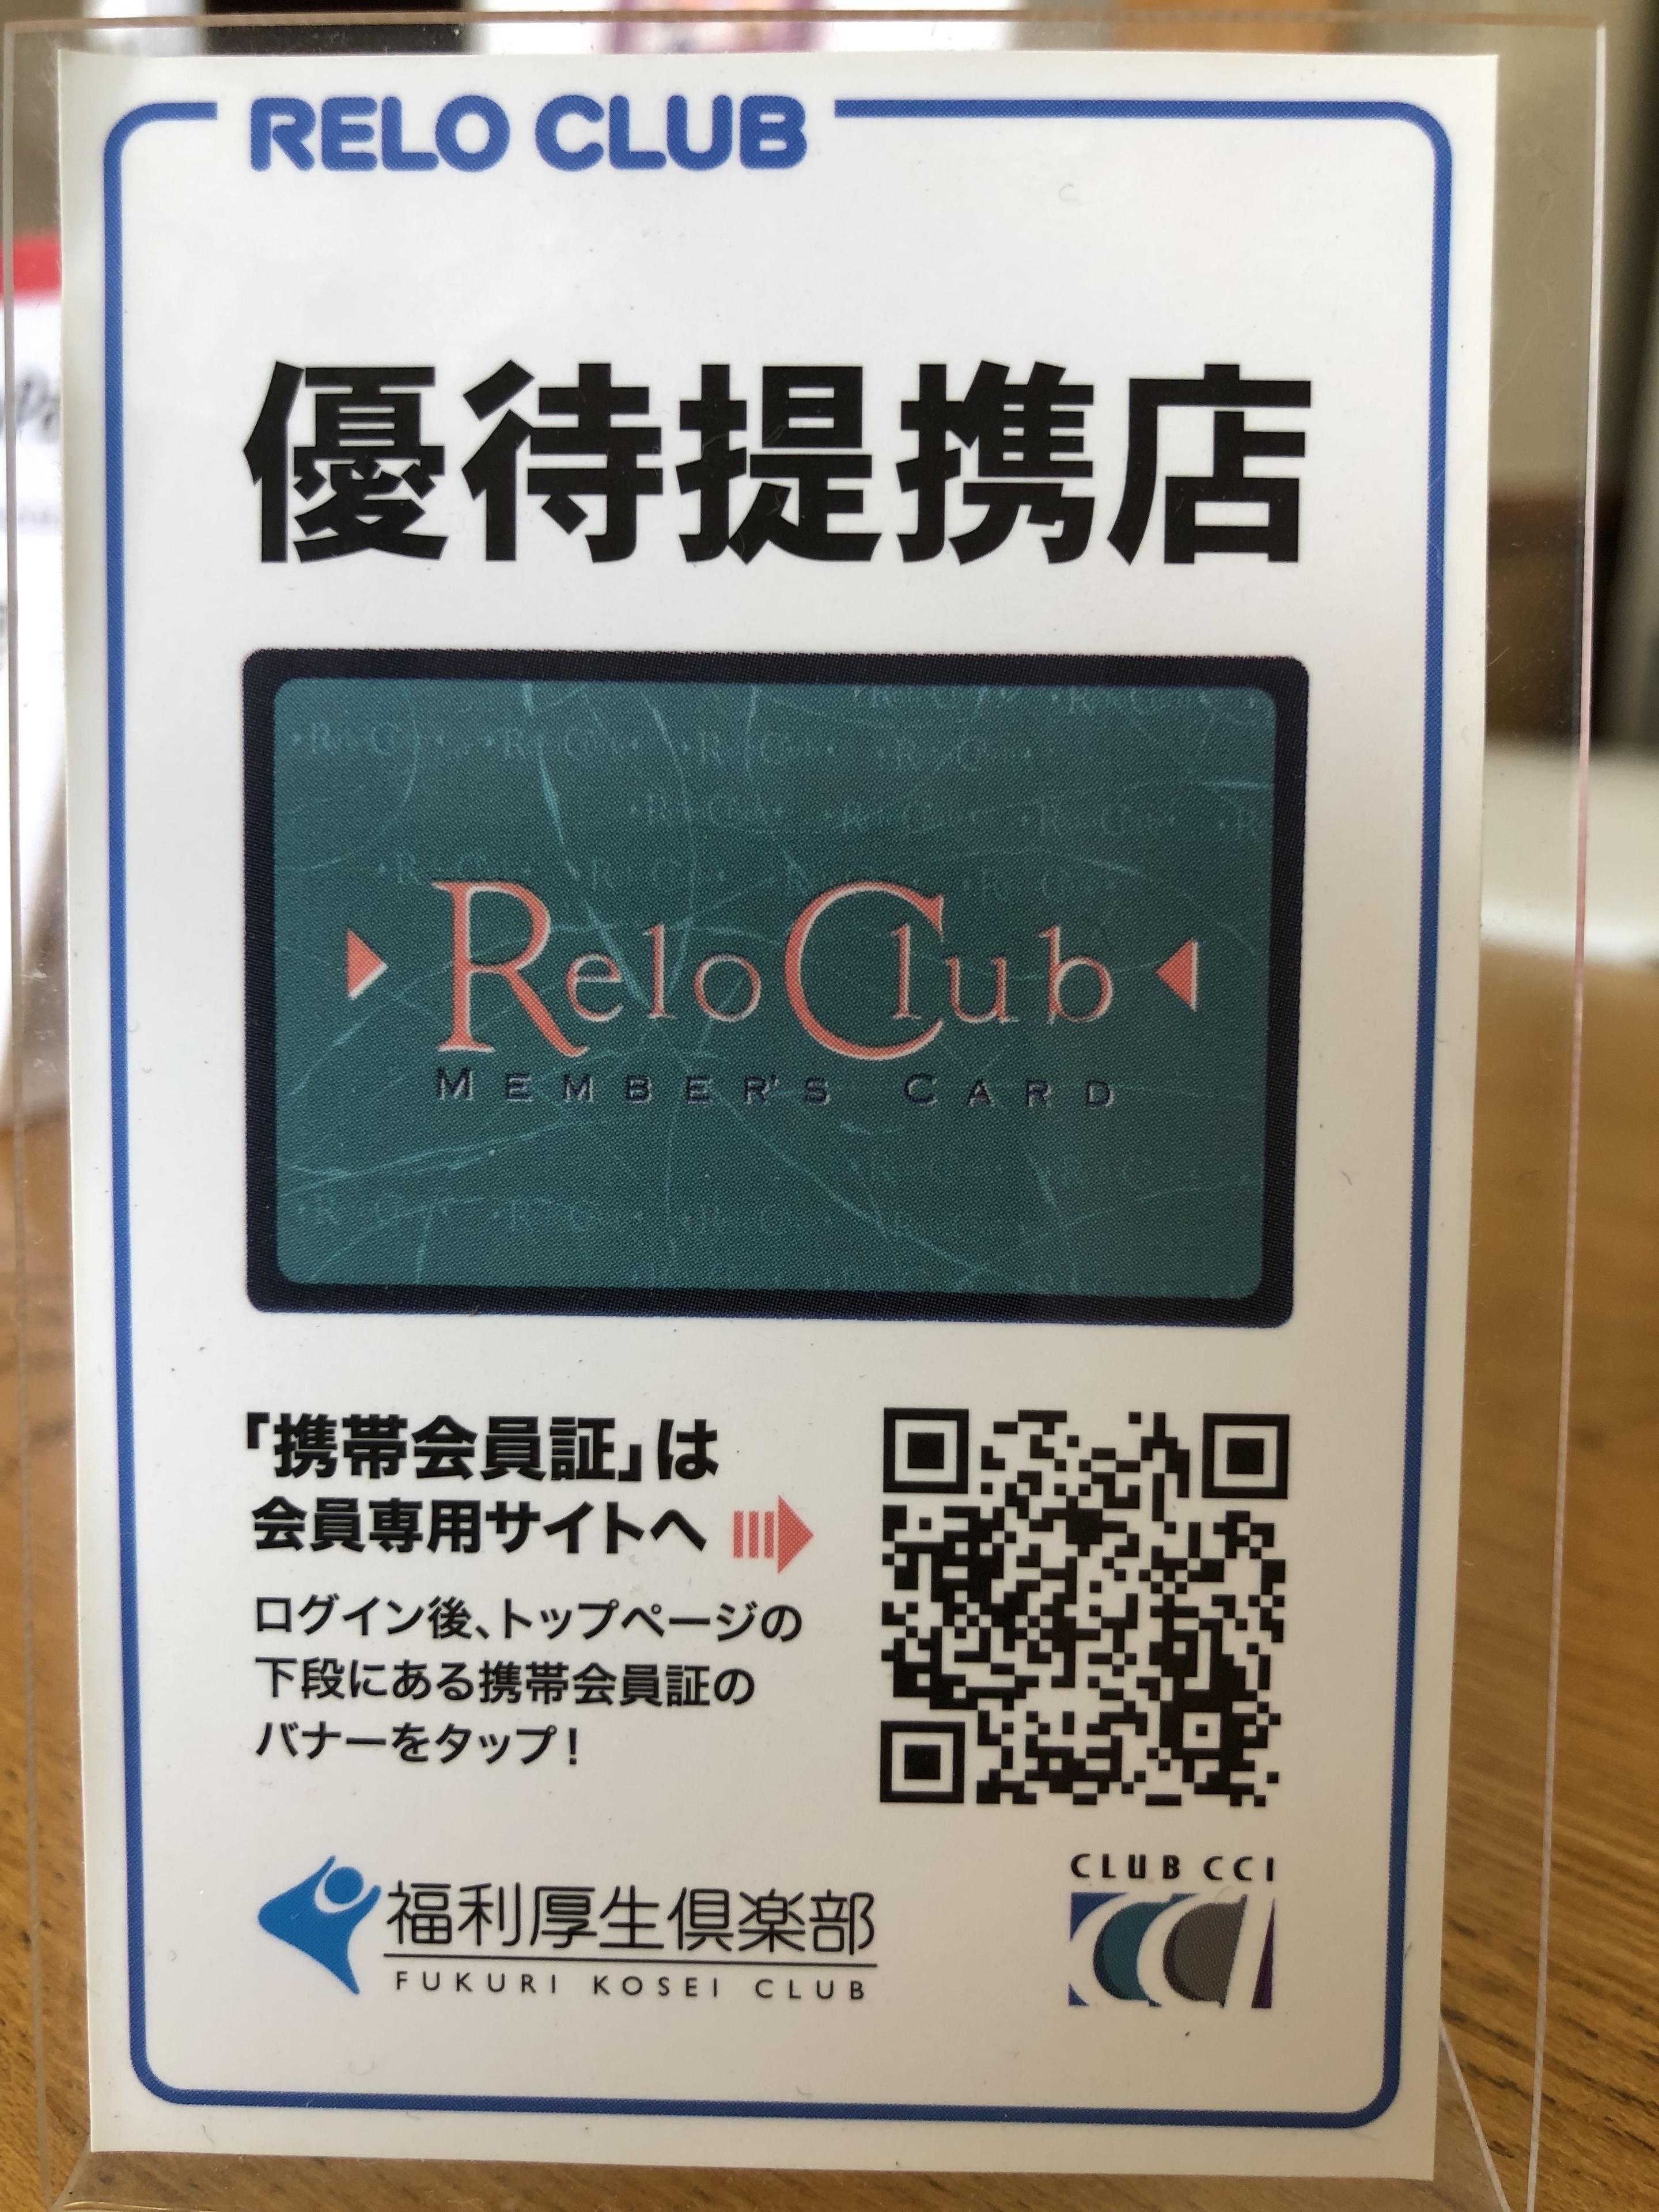 リロクラブ、reloclub、福利厚生倶楽部、優待提携店